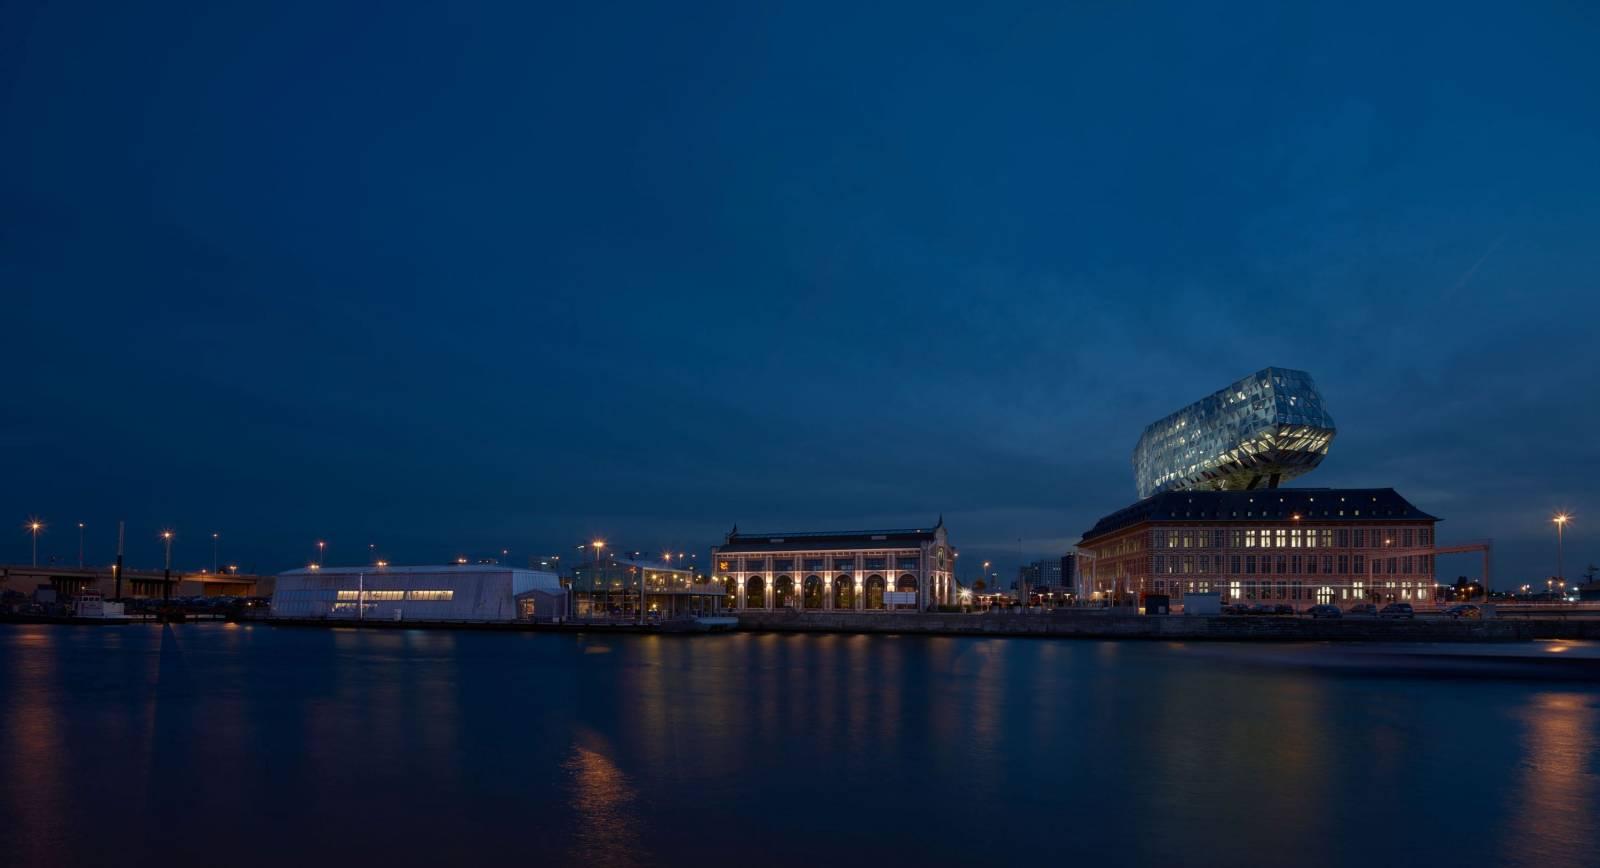 De Ark - Feestzaal Antwerpen - Trouwzaal - House of Weddings - 5